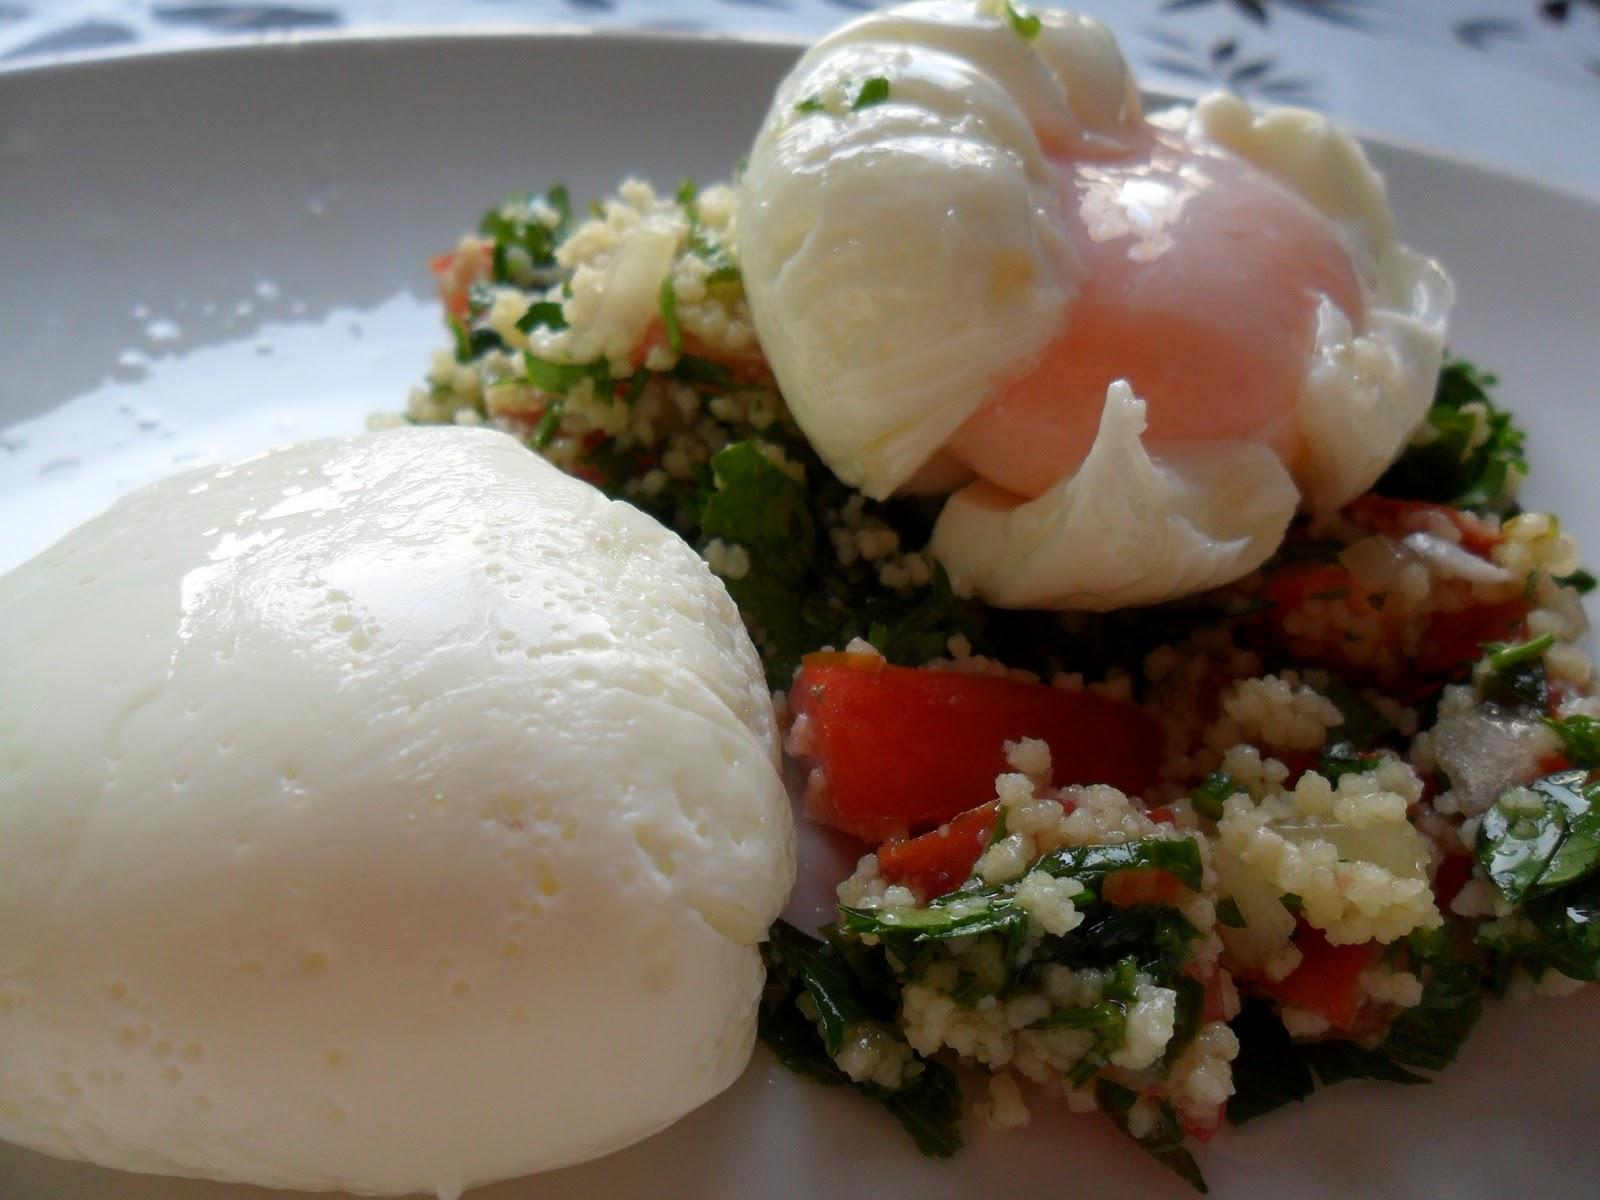 Una forma diferente de cocinar huevos